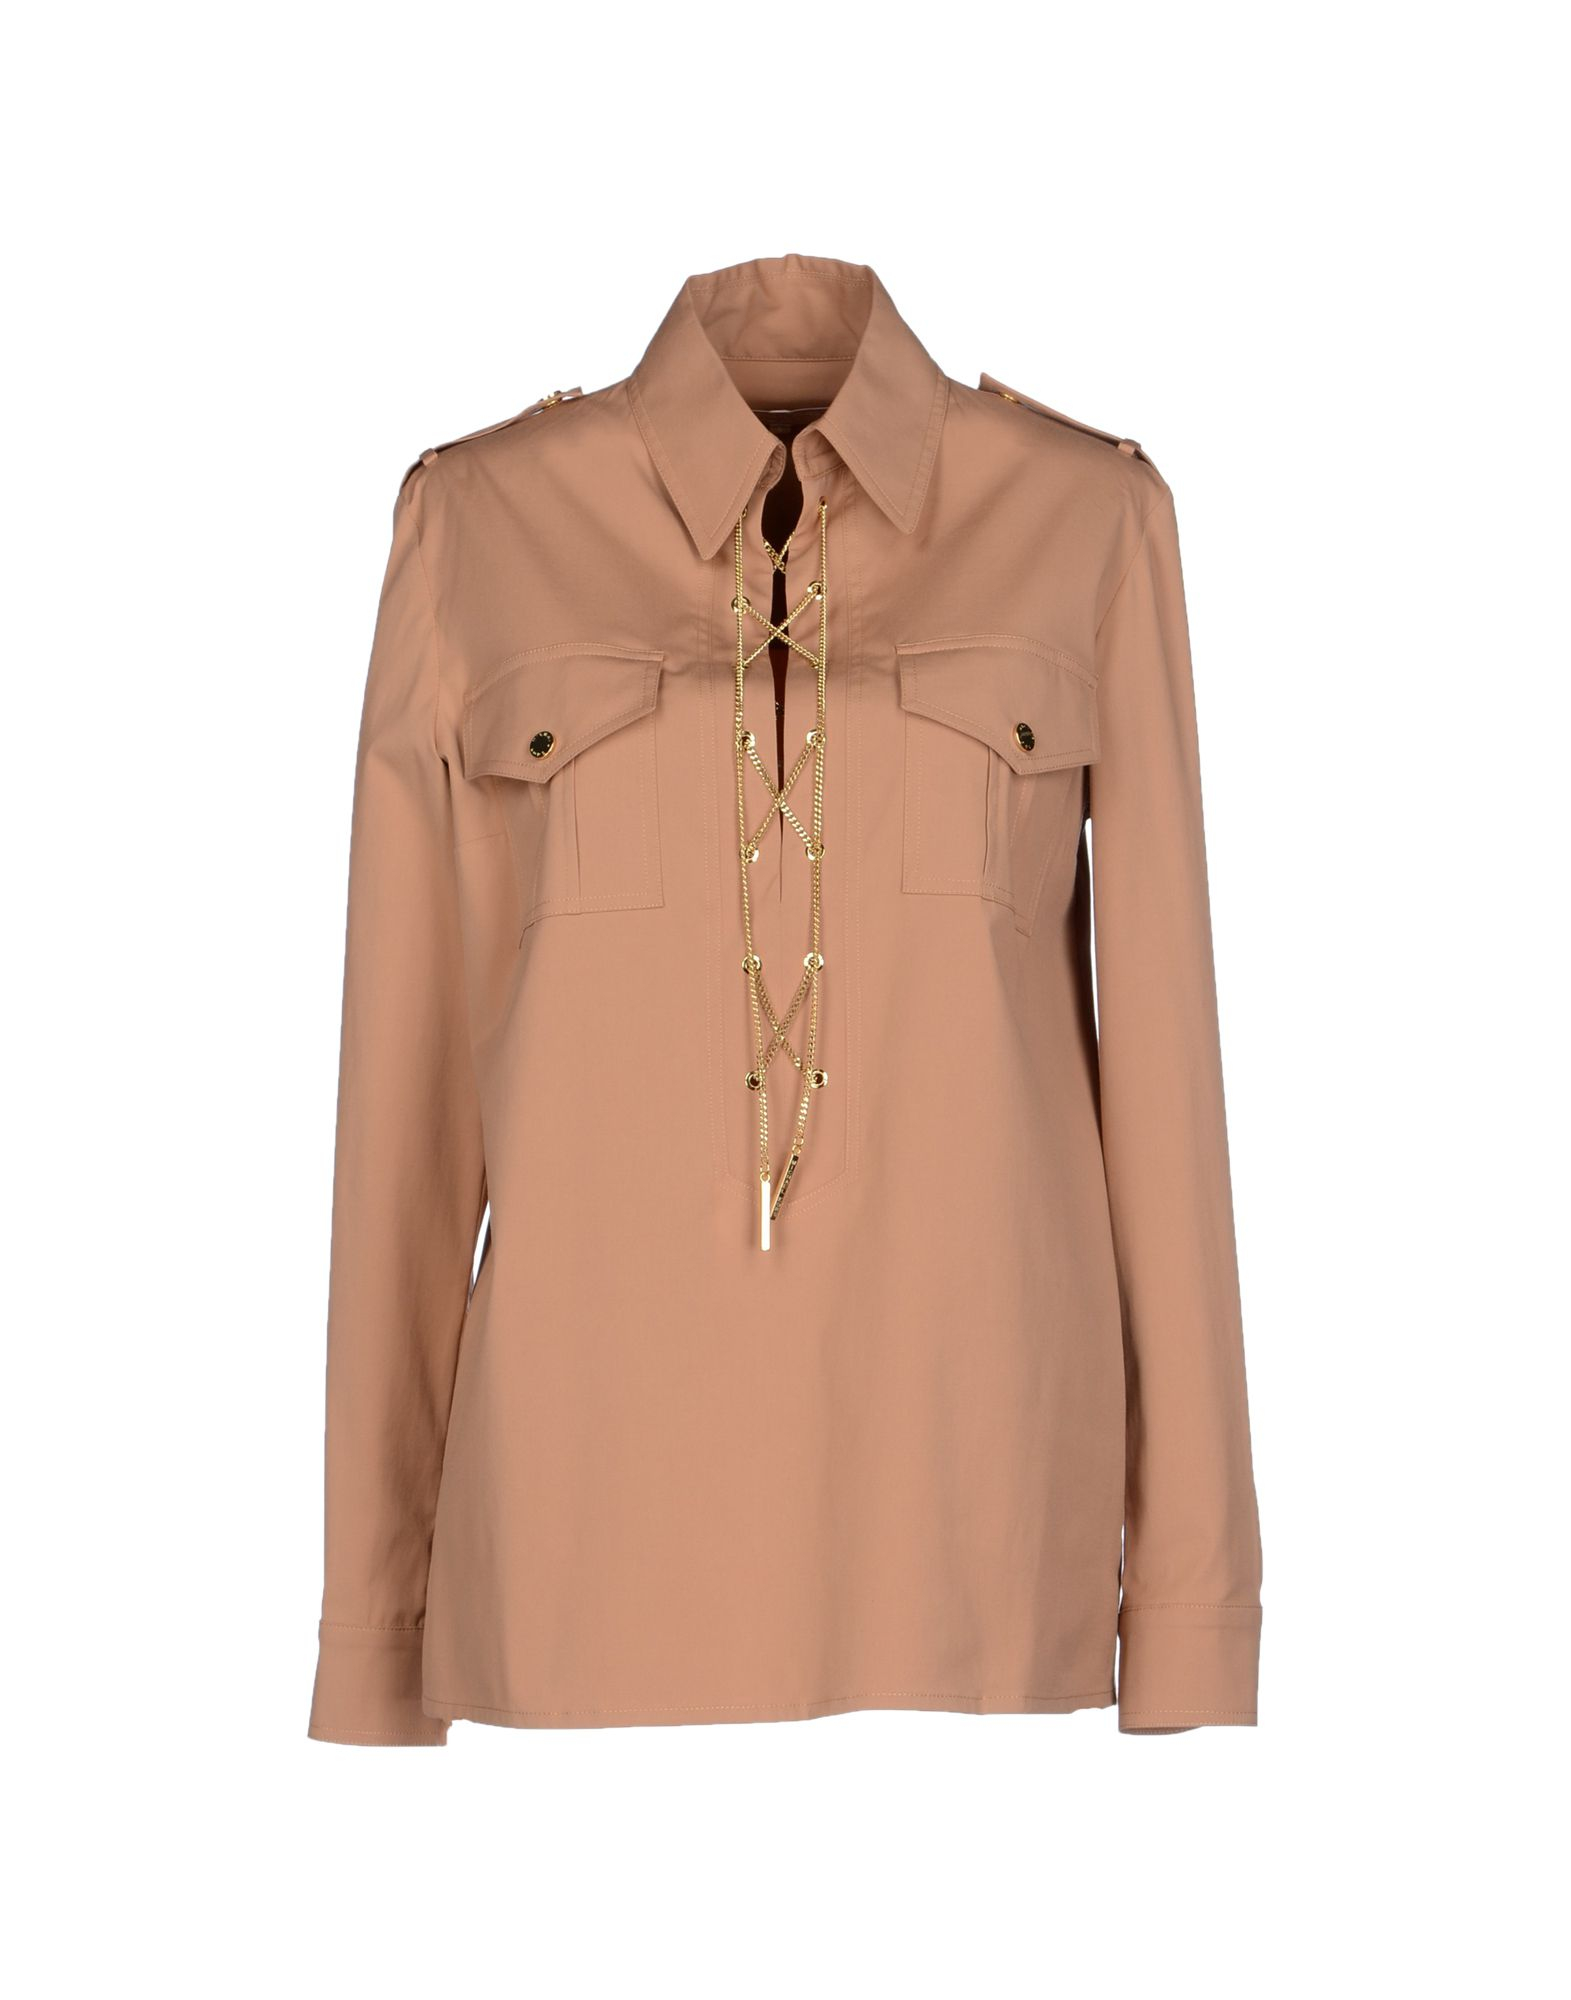 michael kors blouse in beige camel lyst. Black Bedroom Furniture Sets. Home Design Ideas